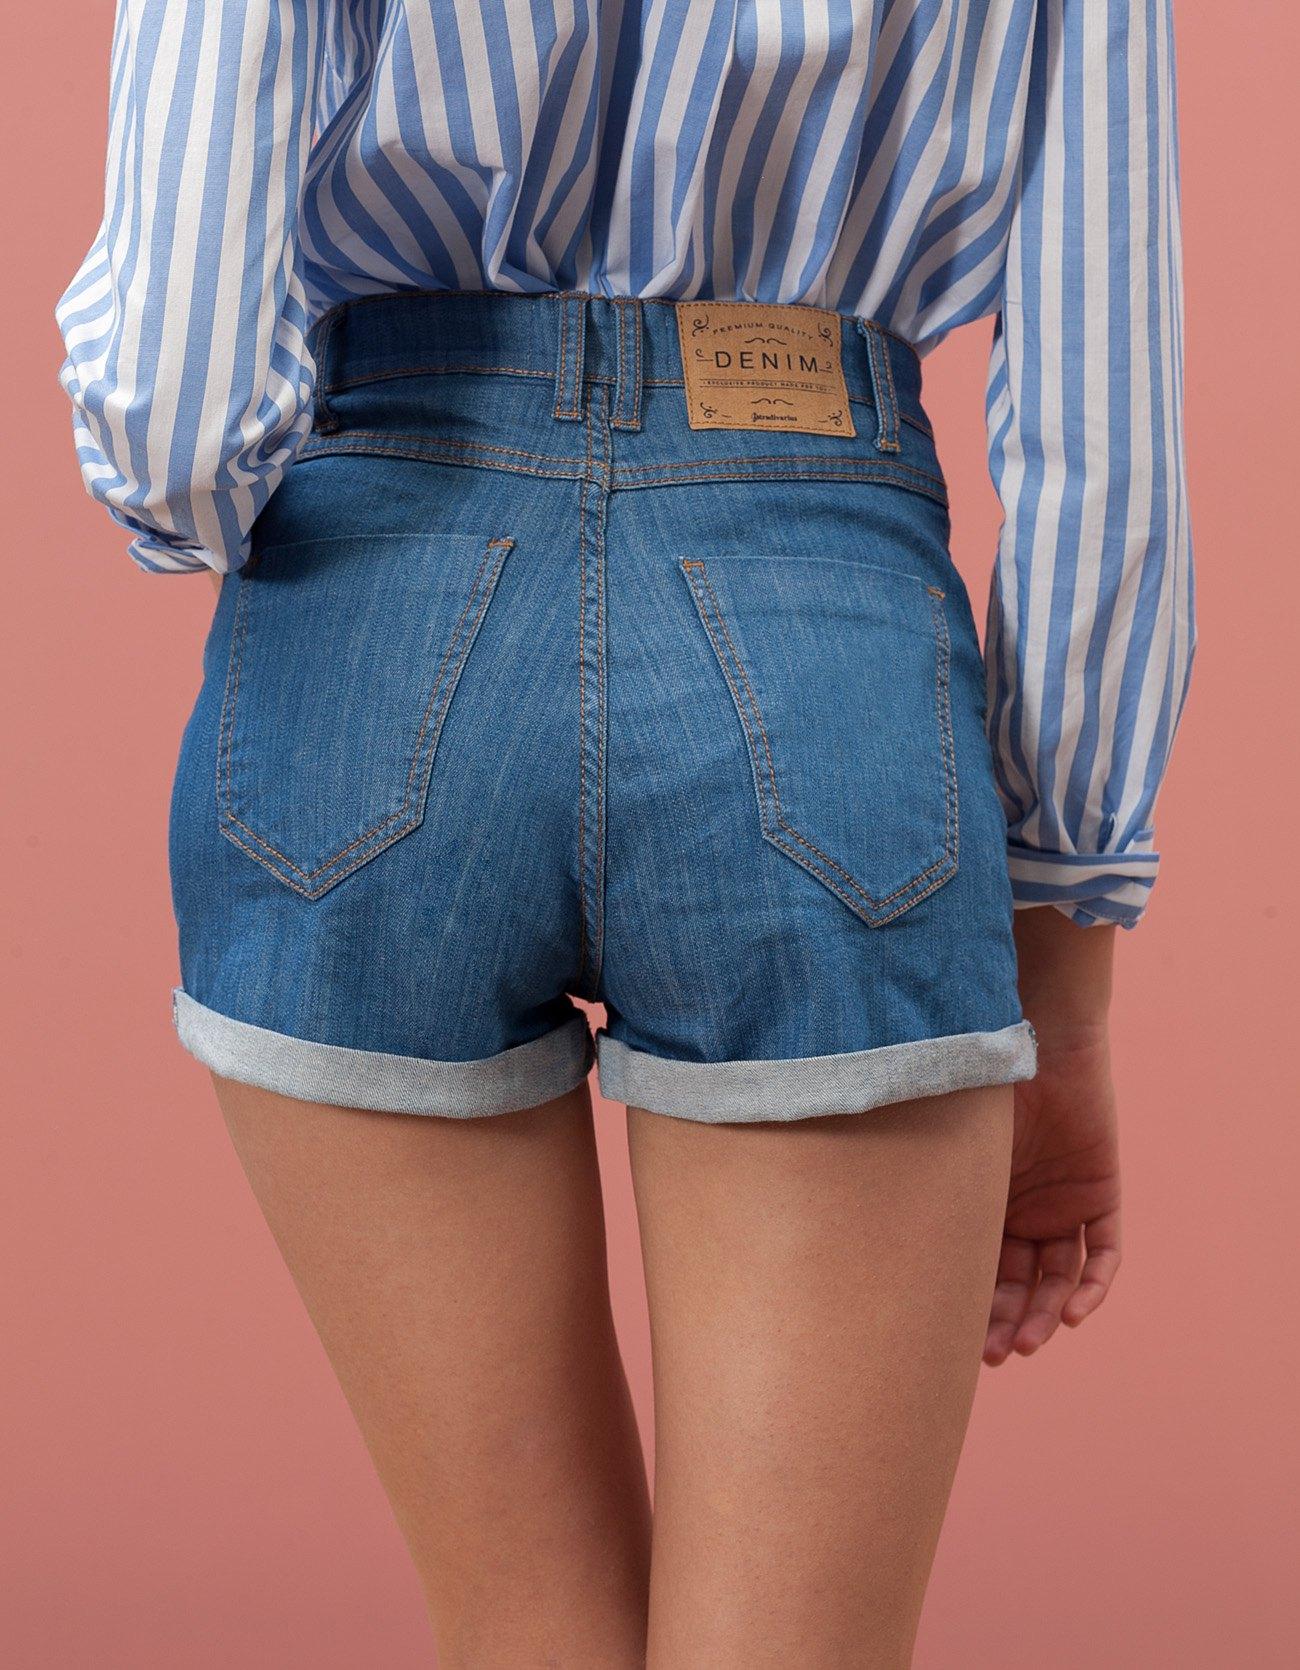 высокие джинсовые шорты фото фиолетовых тюльпанов светлого